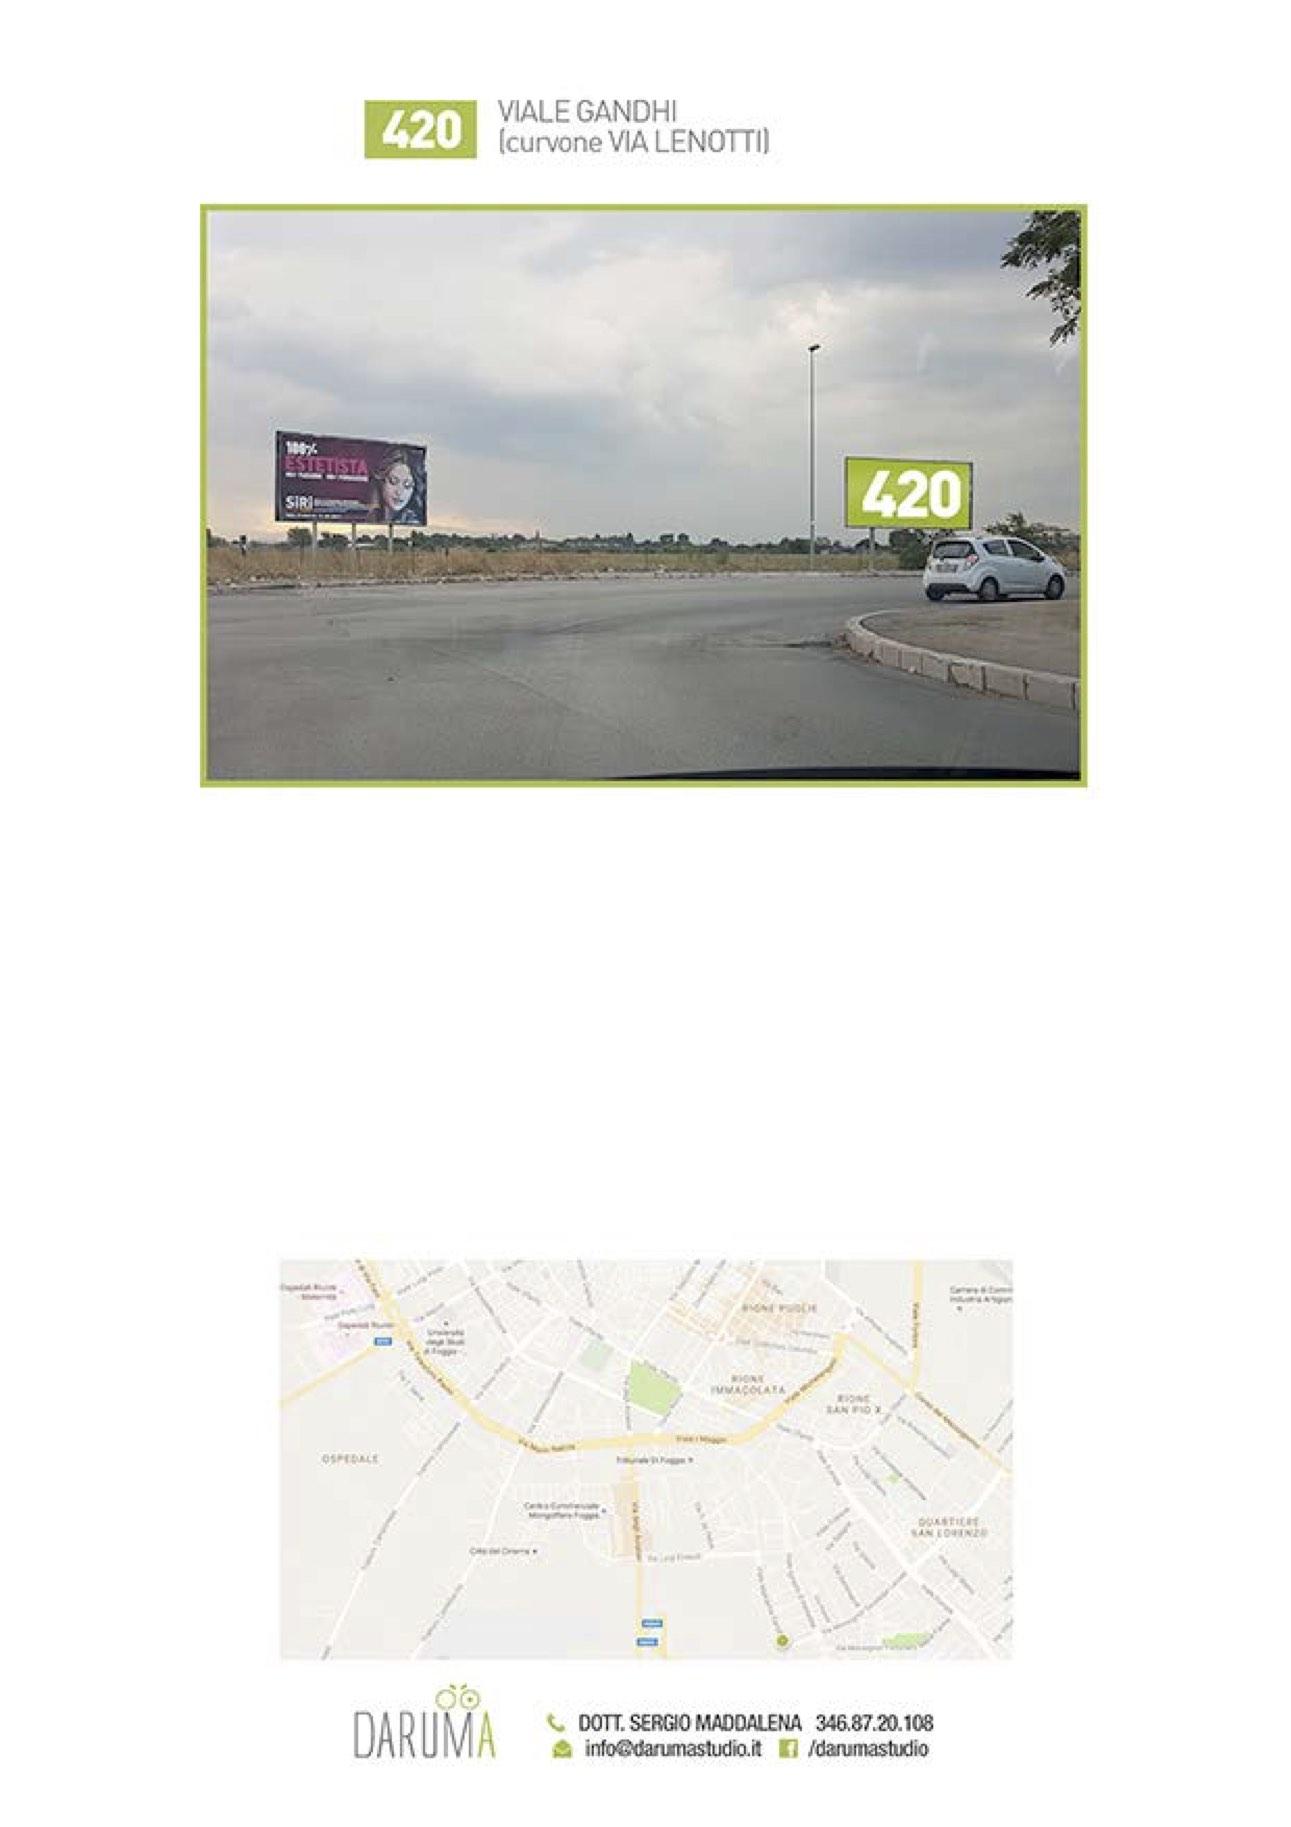 6x3 Macchia Gialla curvone Via Gandhi/Via LeNotti